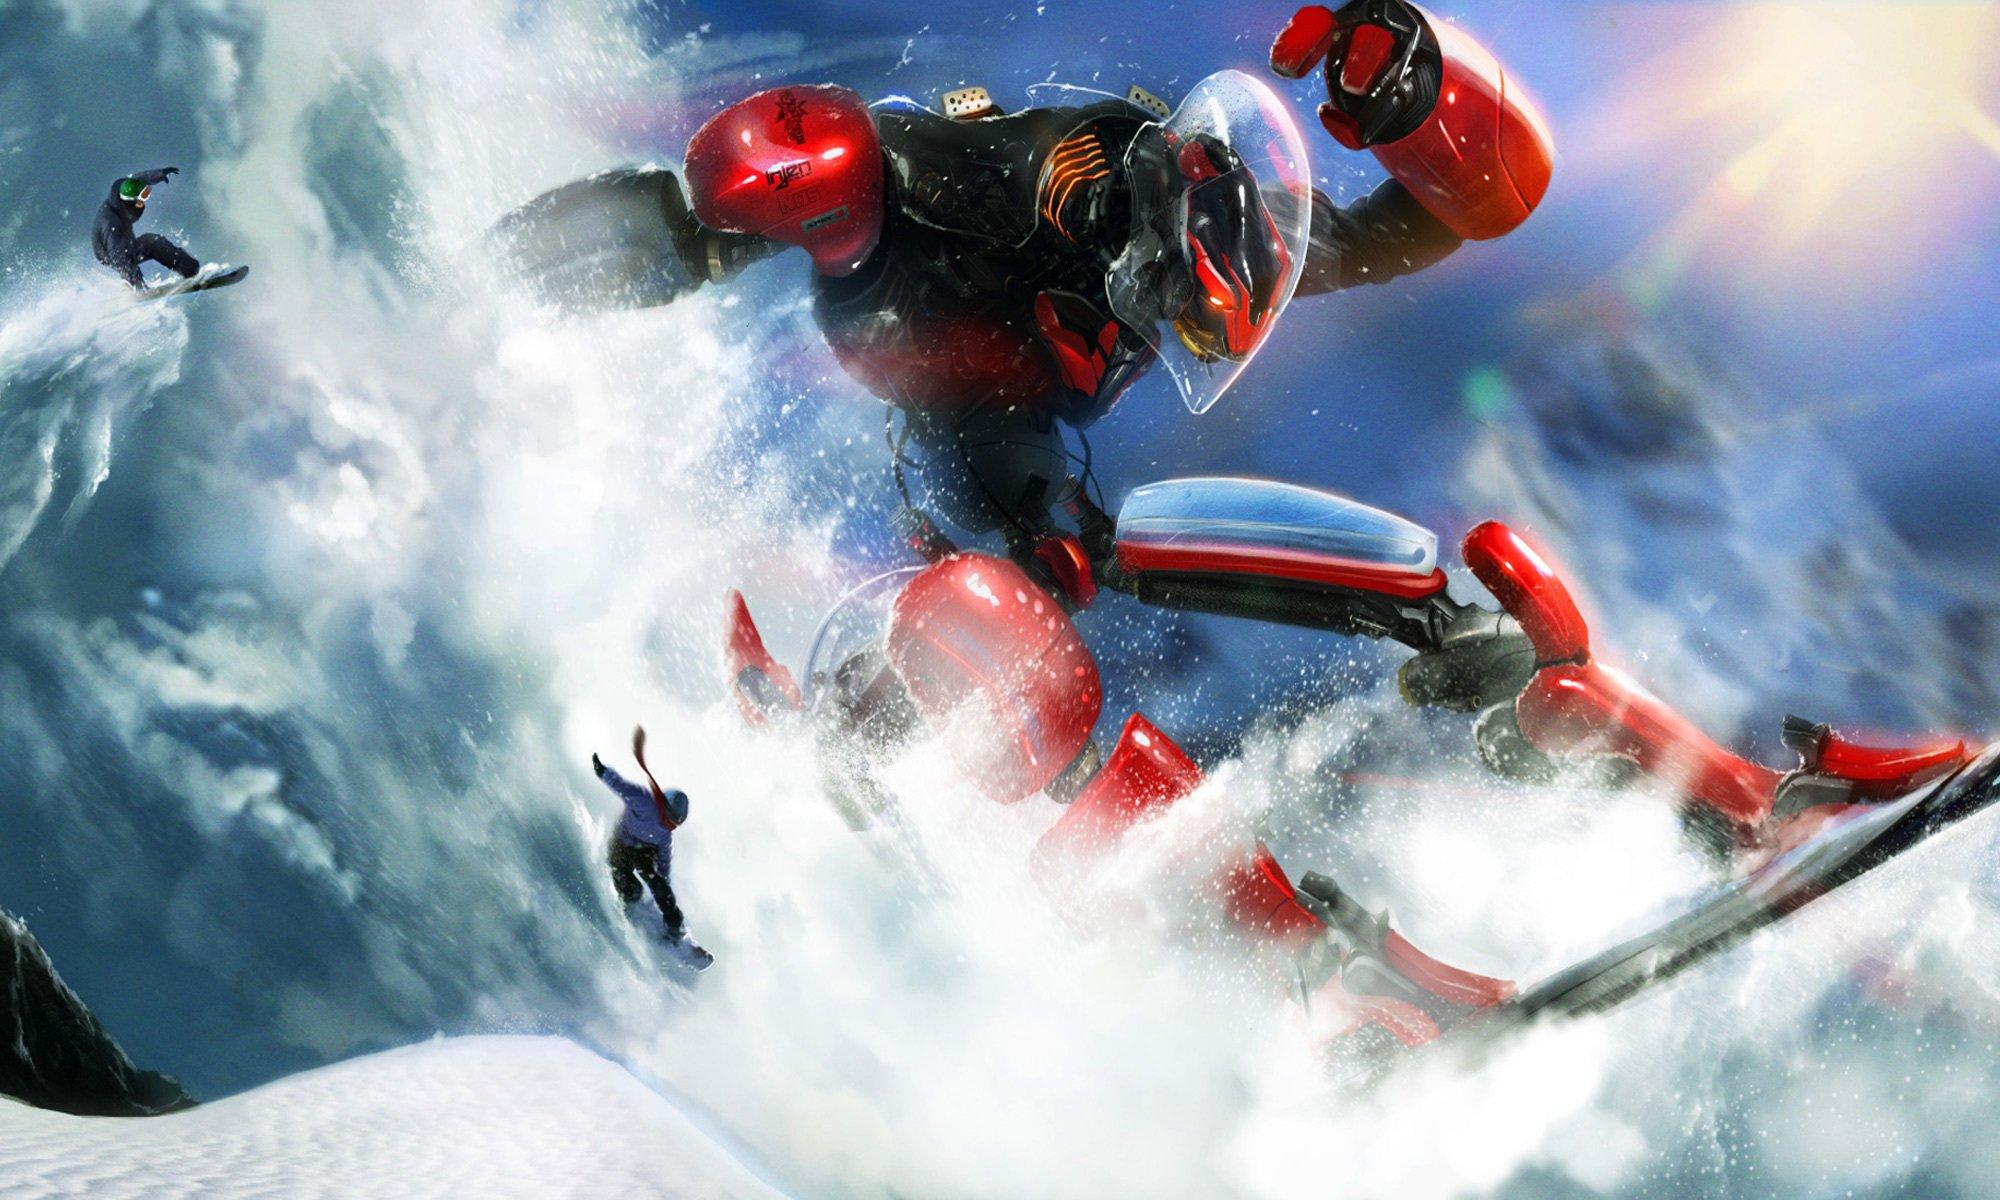 сноубордист вираж снег солнце  № 3559631 загрузить